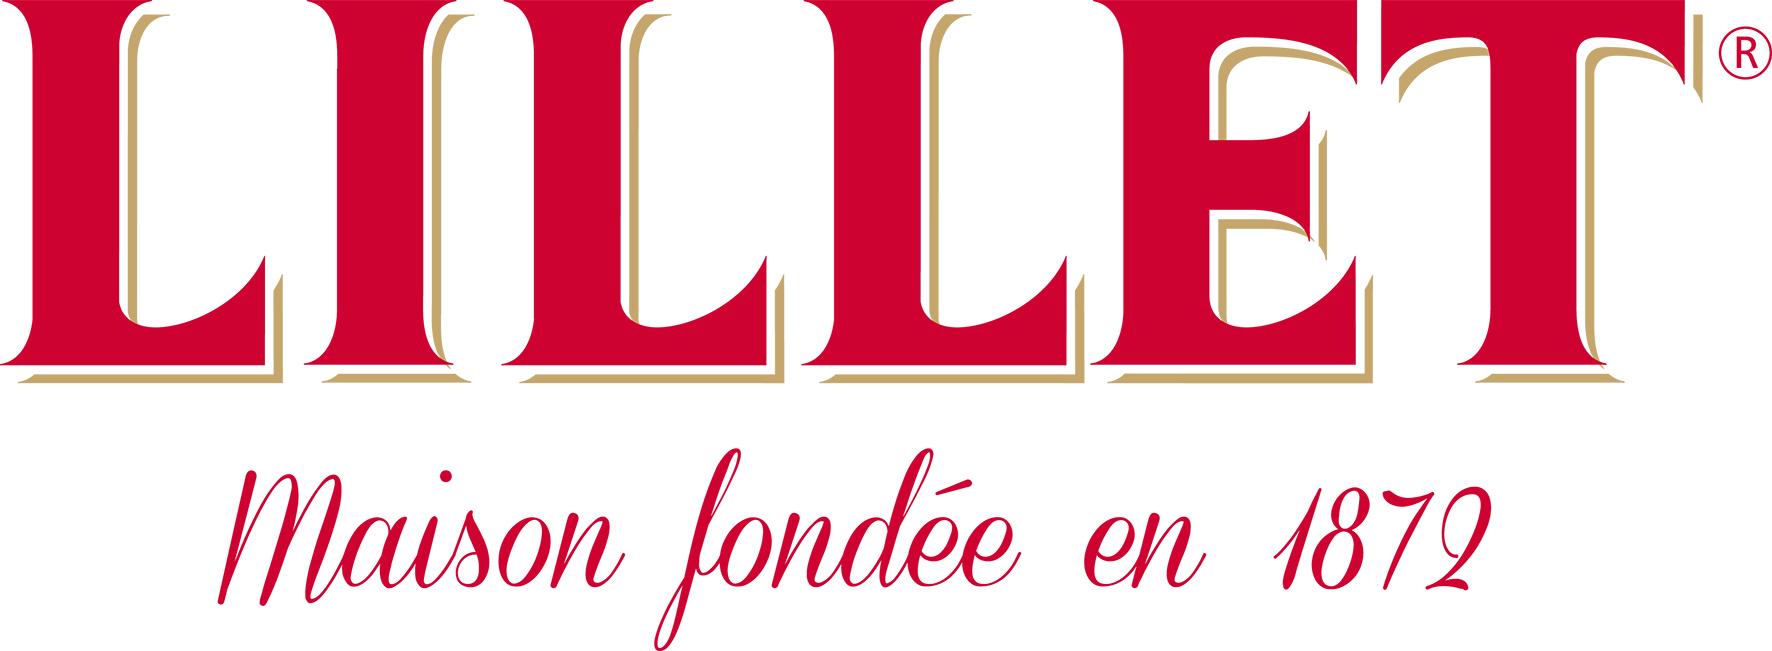 Lillet  -  Pernod Ricard Deutschland GmbH